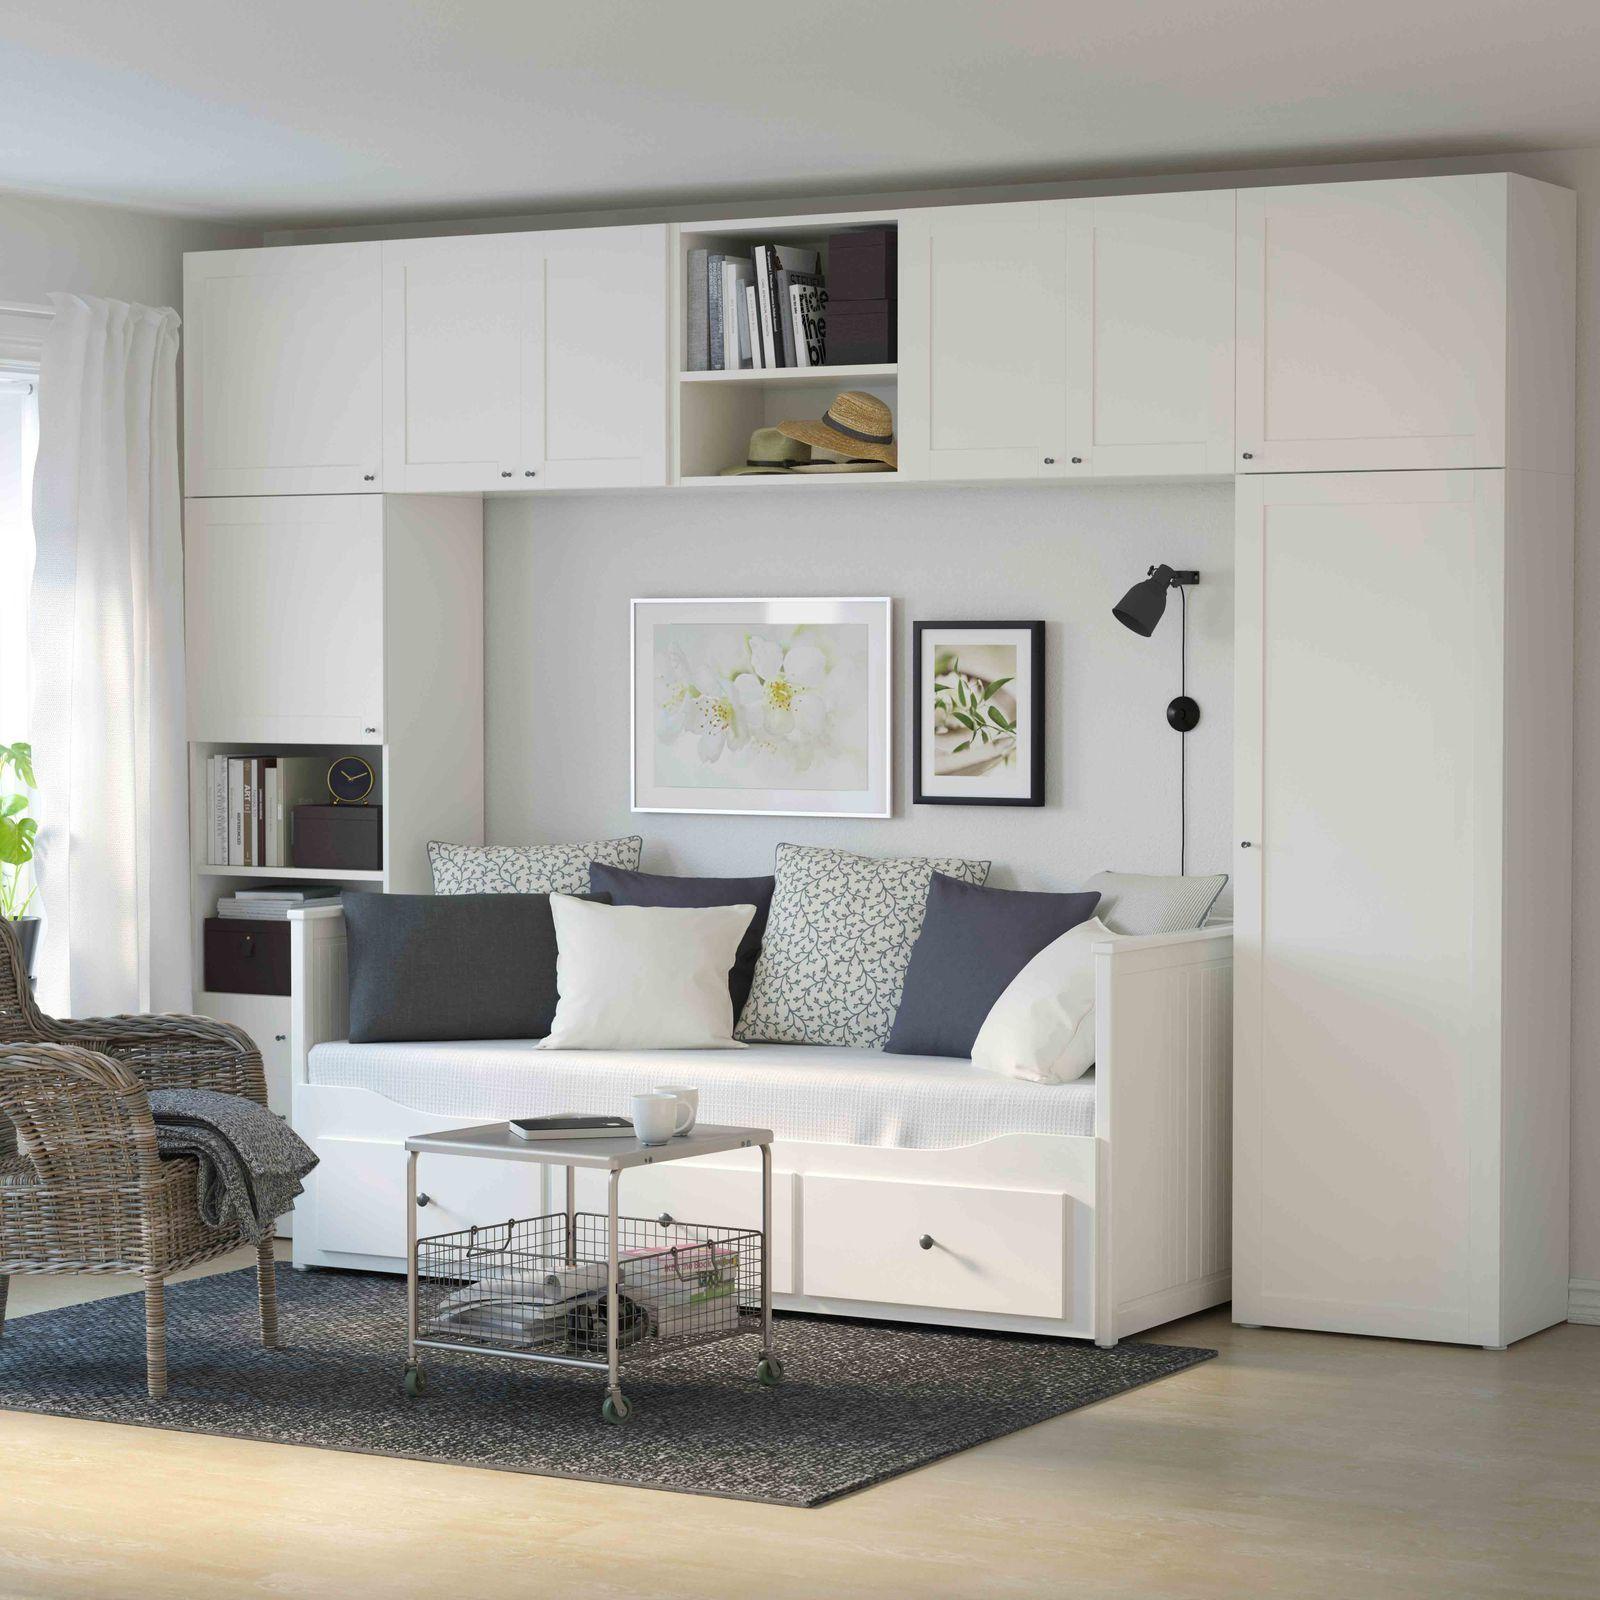 ikea hemnes living room wall bridging shelf units check